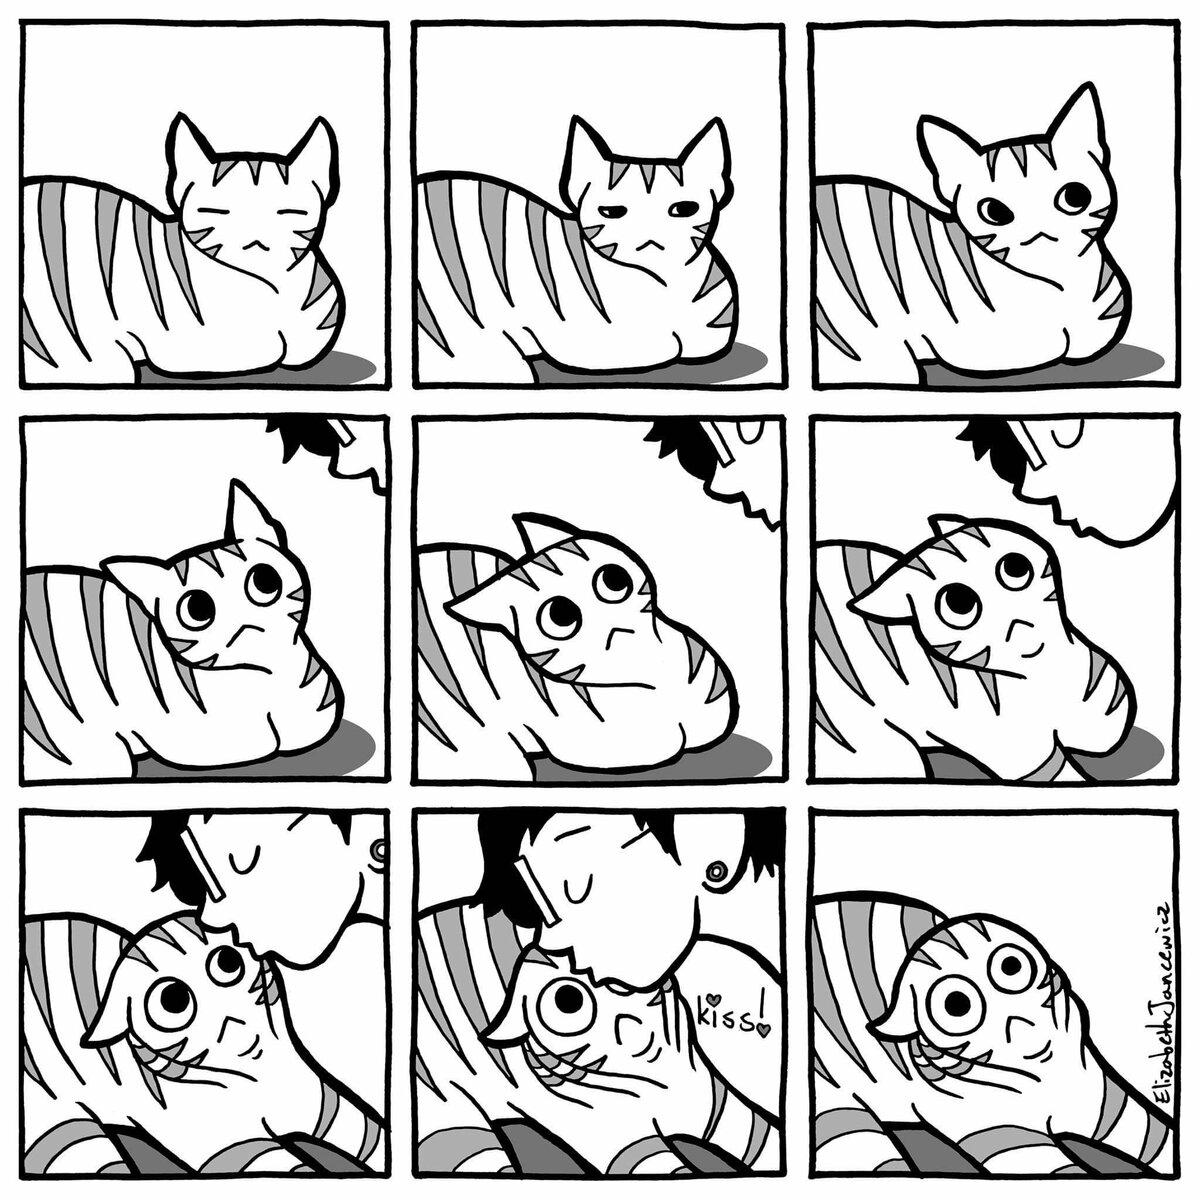 картинки с котенком из комиксов наносят линию